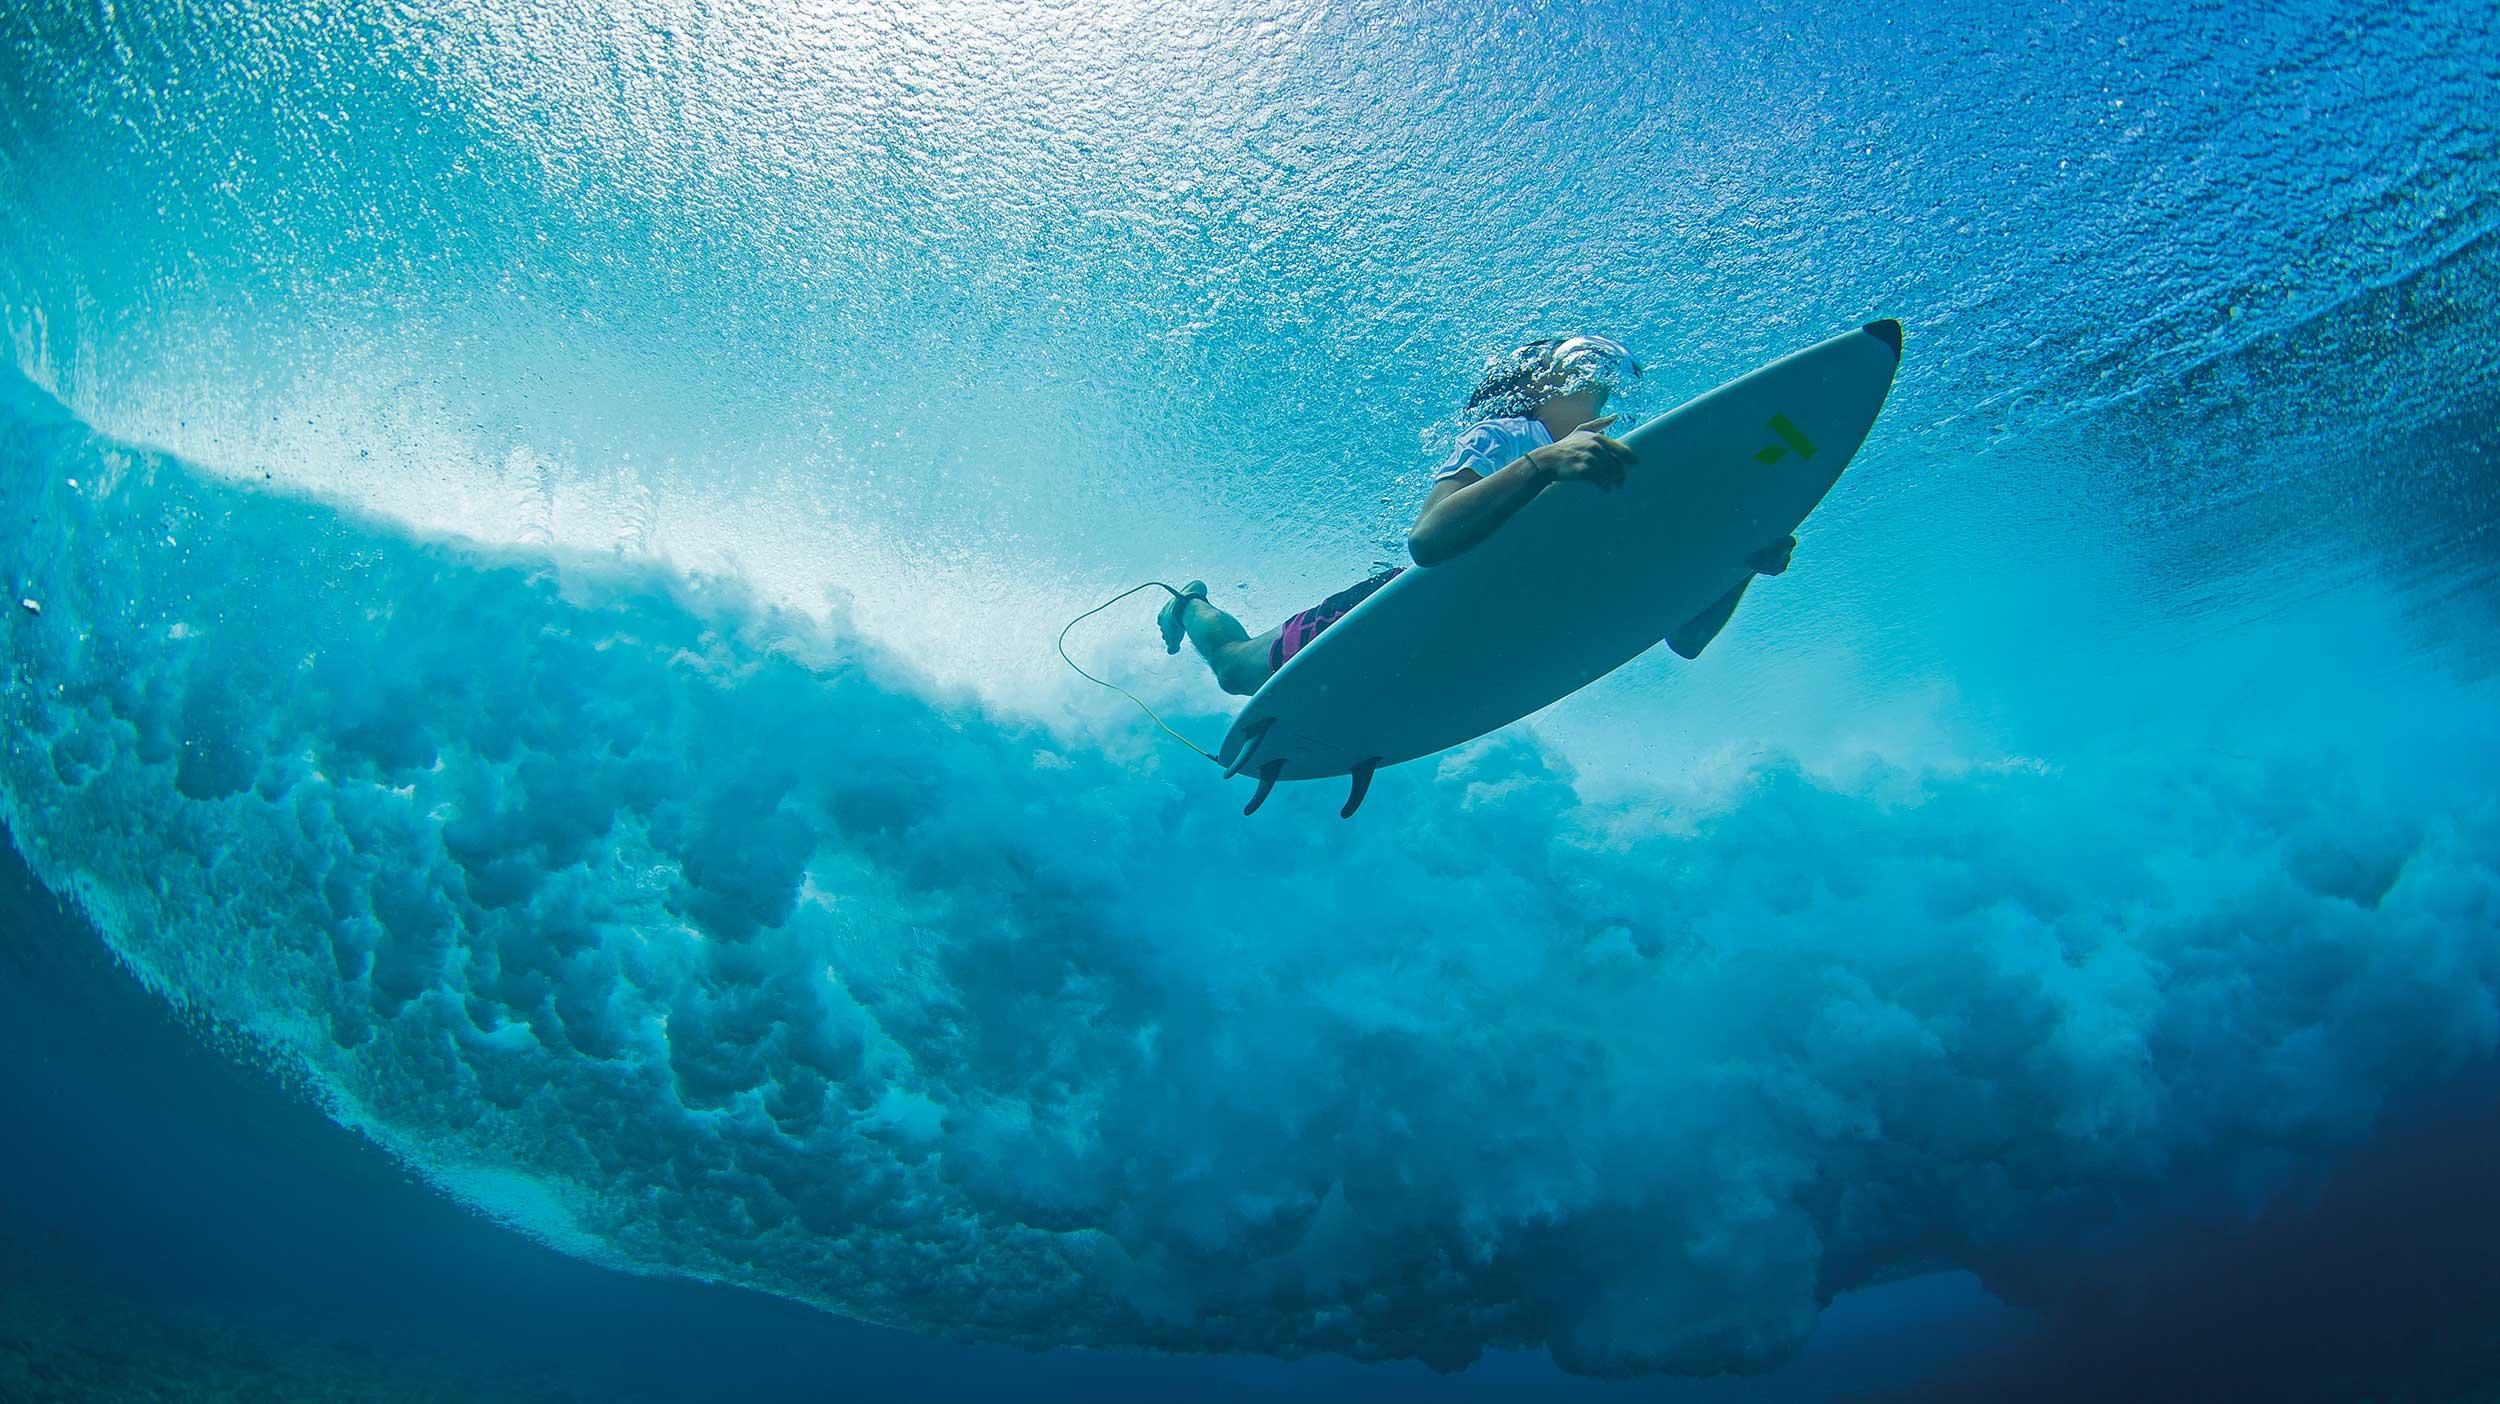 Rigid Surfboards